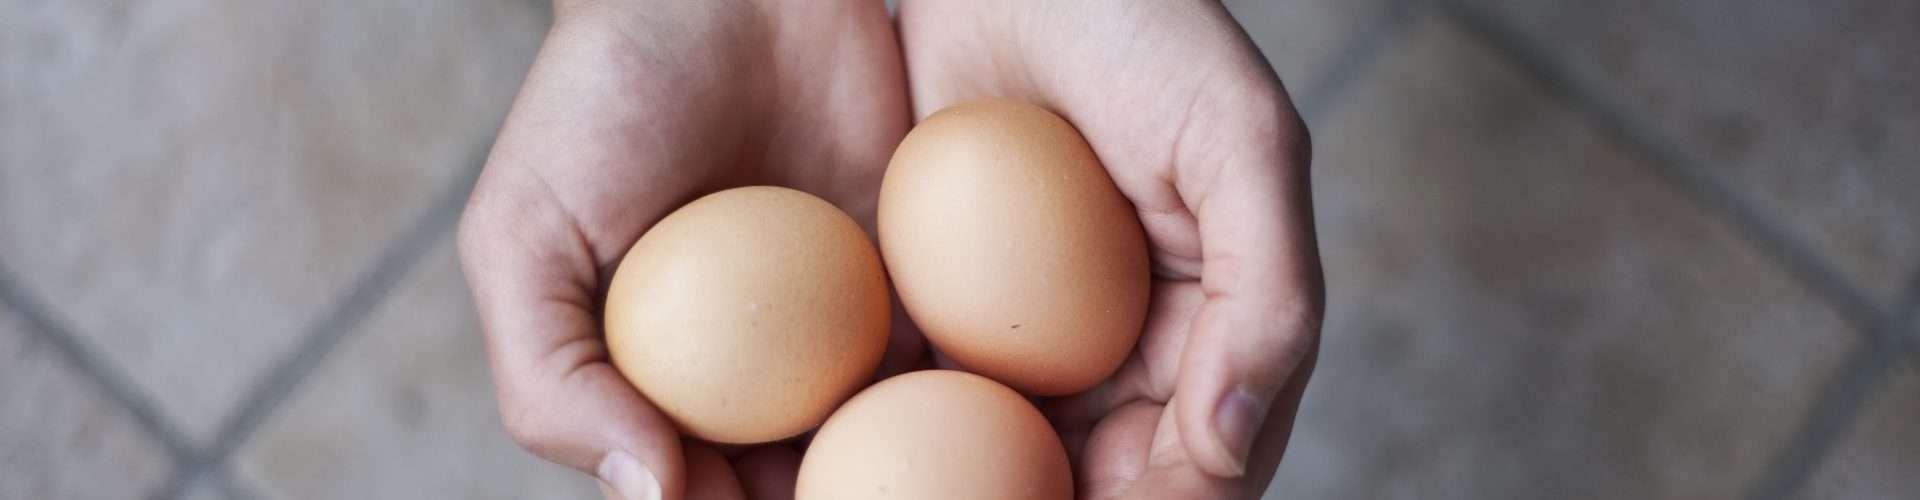 La donación de óvulos es un gesto de solidaridad, un regalo que una mujer hace a otras para poder quedar embarazadas